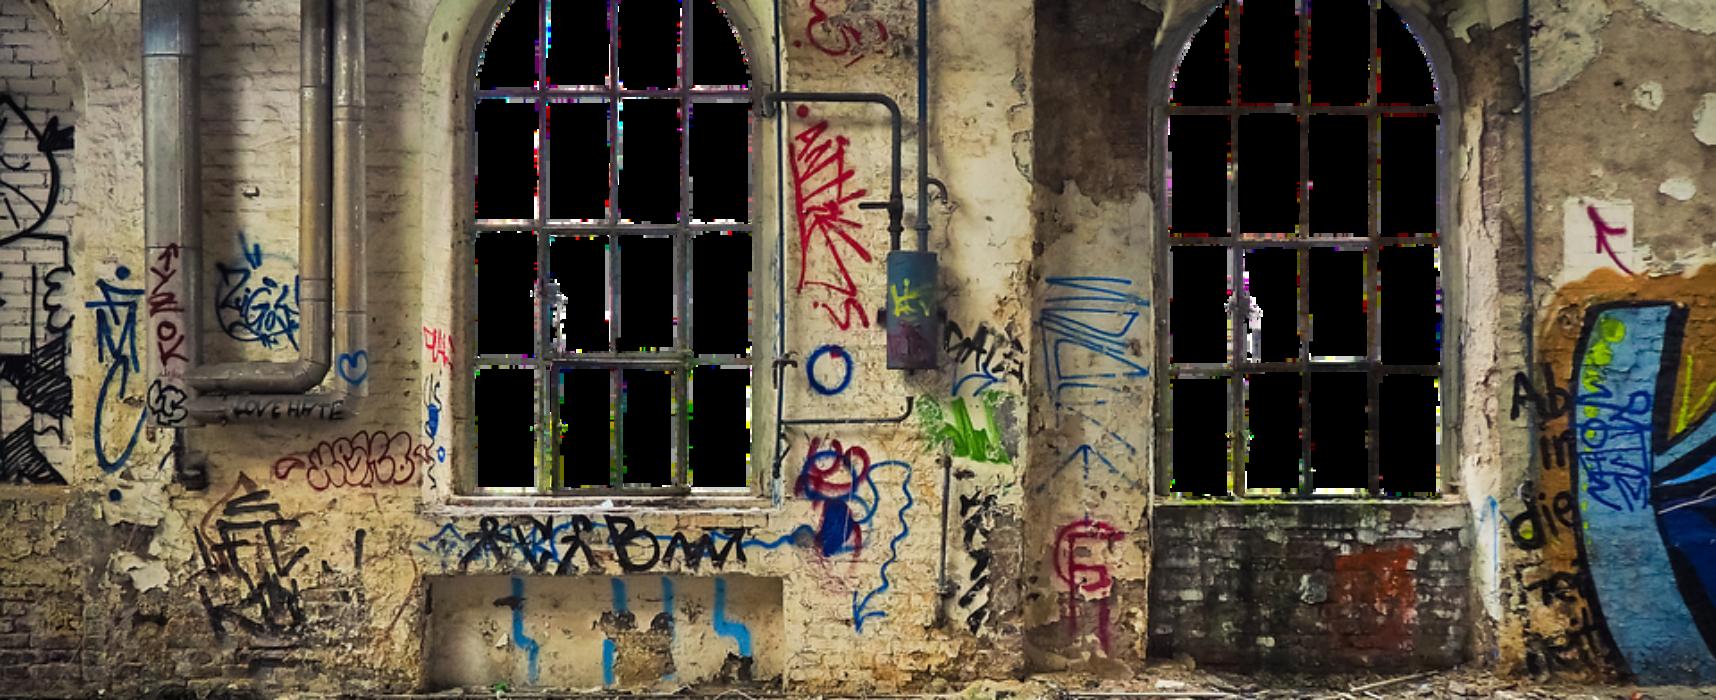 Lagerhalle / Schopf / Abrißobjekt gesucht